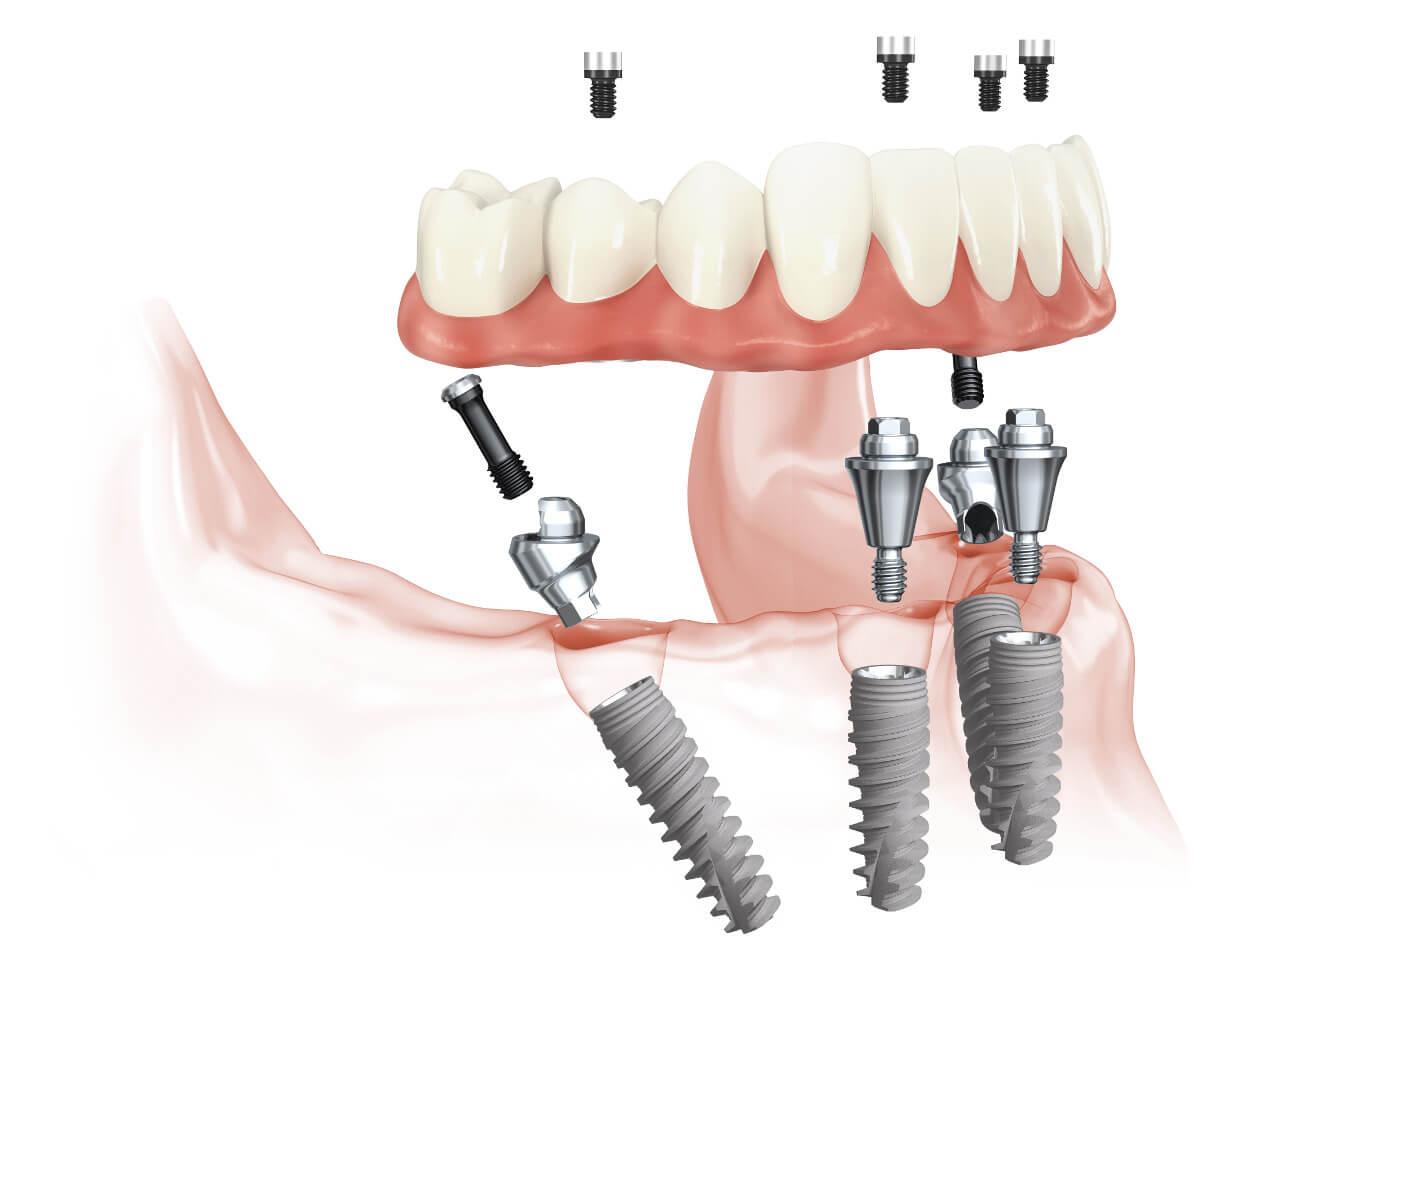 Konzept zur Sofortversorgung mit Zahnimplantaten beim zahnlosen Kiefer: all-on-4™ Sofortimplantate mit fester Zahnbrücke